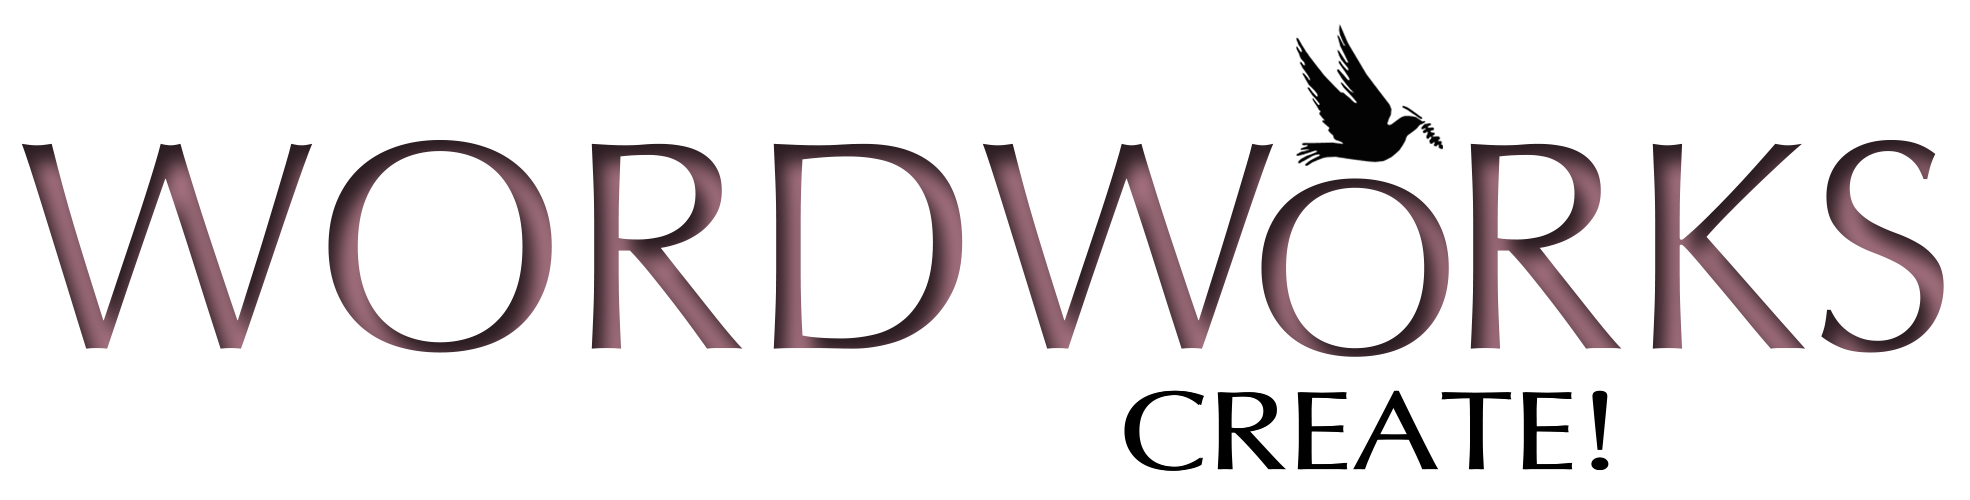 WordWorks Create, LLC | Webdesign | Publishing | Social Media | Brand Development